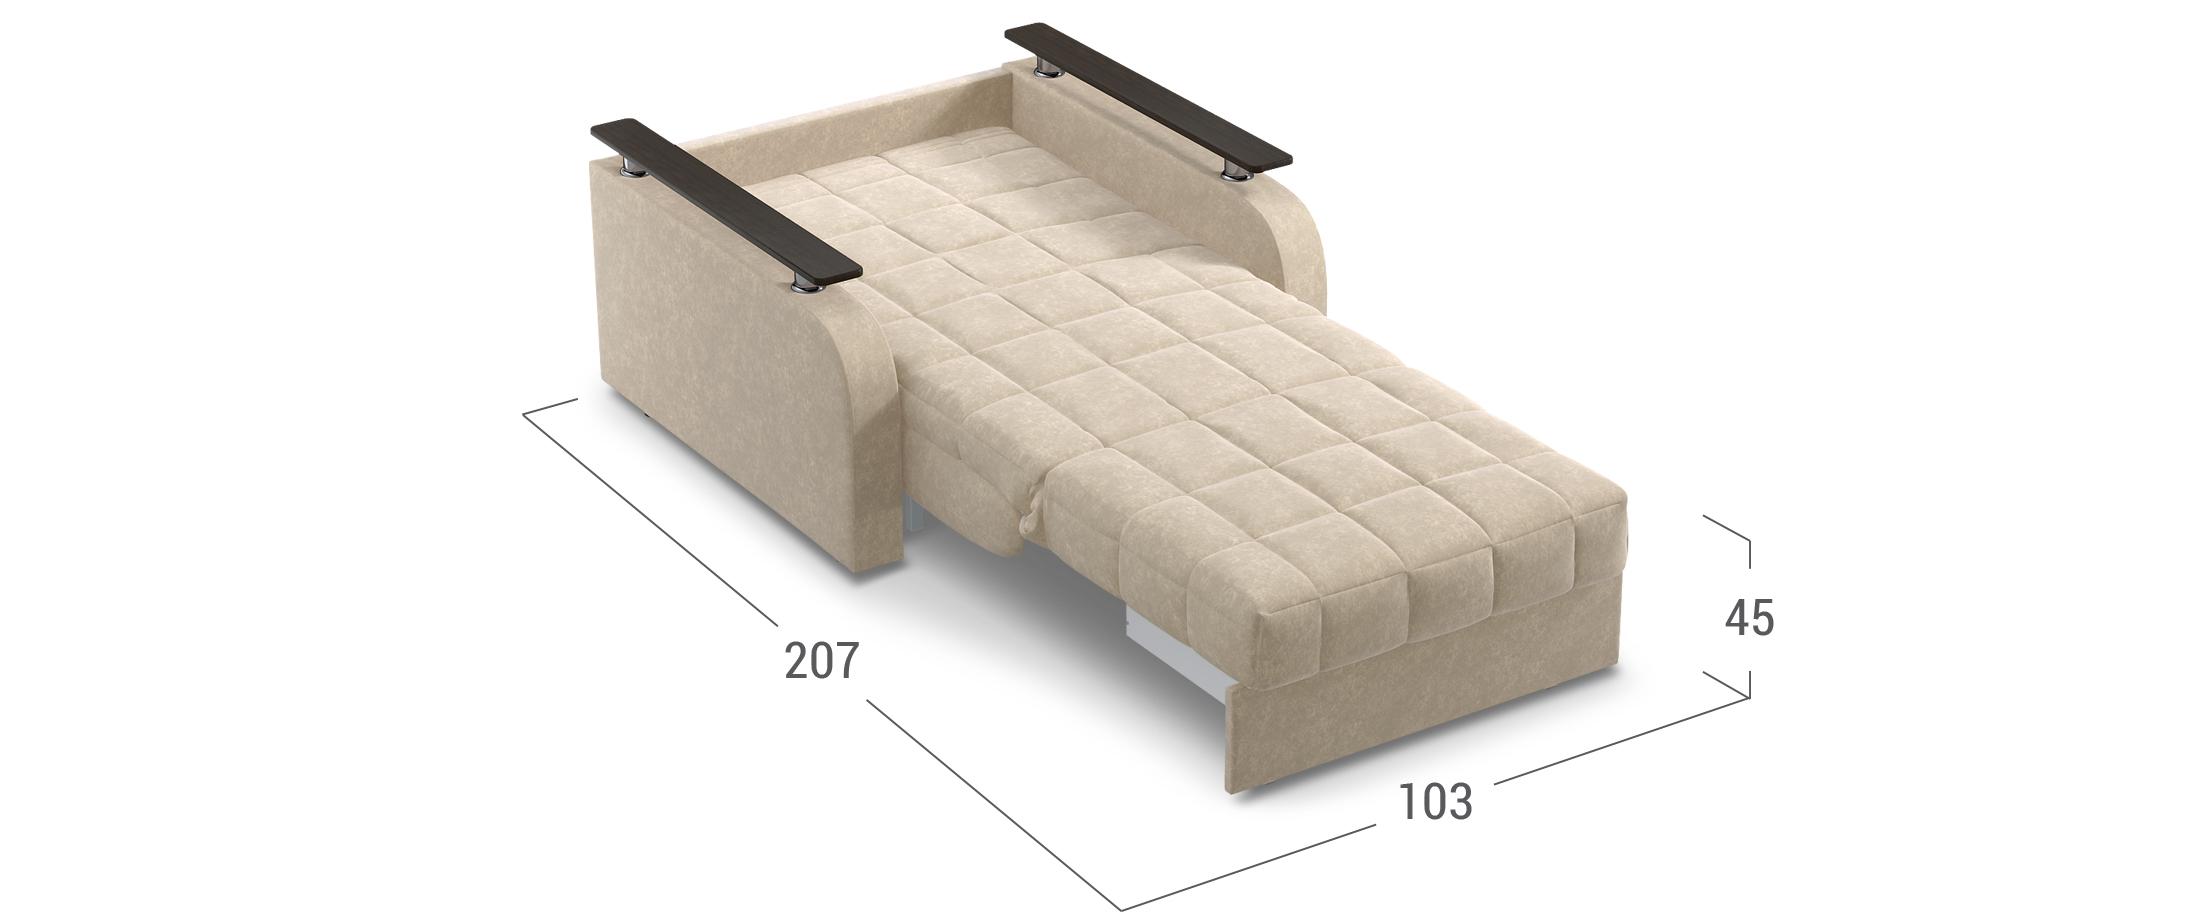 Кресло-кровать Карина 044Купить бежевое кресло-кровать Карина 044. Доставка от 1 дня. Подъём, сборка, вынос упаковки. Гарантия 18 месяцев. Интернет-магазин мебели MOON-TRADE.RU<br><br>Ширина см: 103<br>Глубина см: 104<br>Высота см: 90<br>Ширина спального места см: 80<br>Длина спального места см: 200<br>Глубина посадочного места см: 60<br>Высота спального места см: 45<br>Цвет: Бежевый<br>Механизм: Аккордеон<br>Материал: Велюр<br>Жёсткость: Средняя<br>Каркас: Металлокаркас<br>Чехол: Съёмный<br>Основание: Берёзовые латы, Пружинные змейки<br>Бельевой короб: Нет<br>Мягкий настил: ППУ<br>Цвет декора: Венге<br>Код ткани: 74-1<br>Модель: Карина<br>Бренд: MOON-TRADE